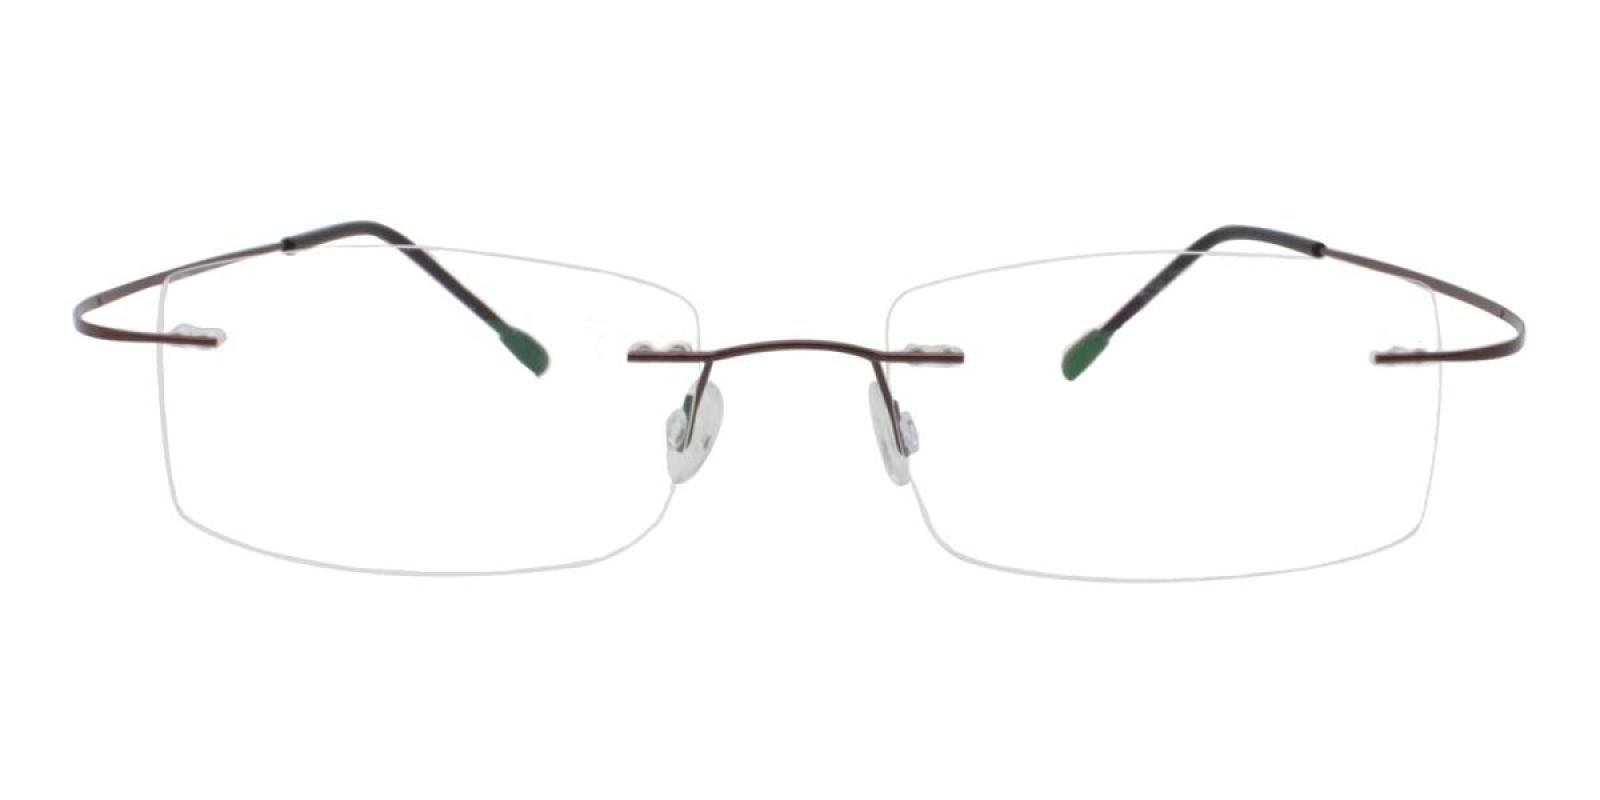 Slimly-Brown-Varieties-Memory / Metal-Eyeglasses-additional2